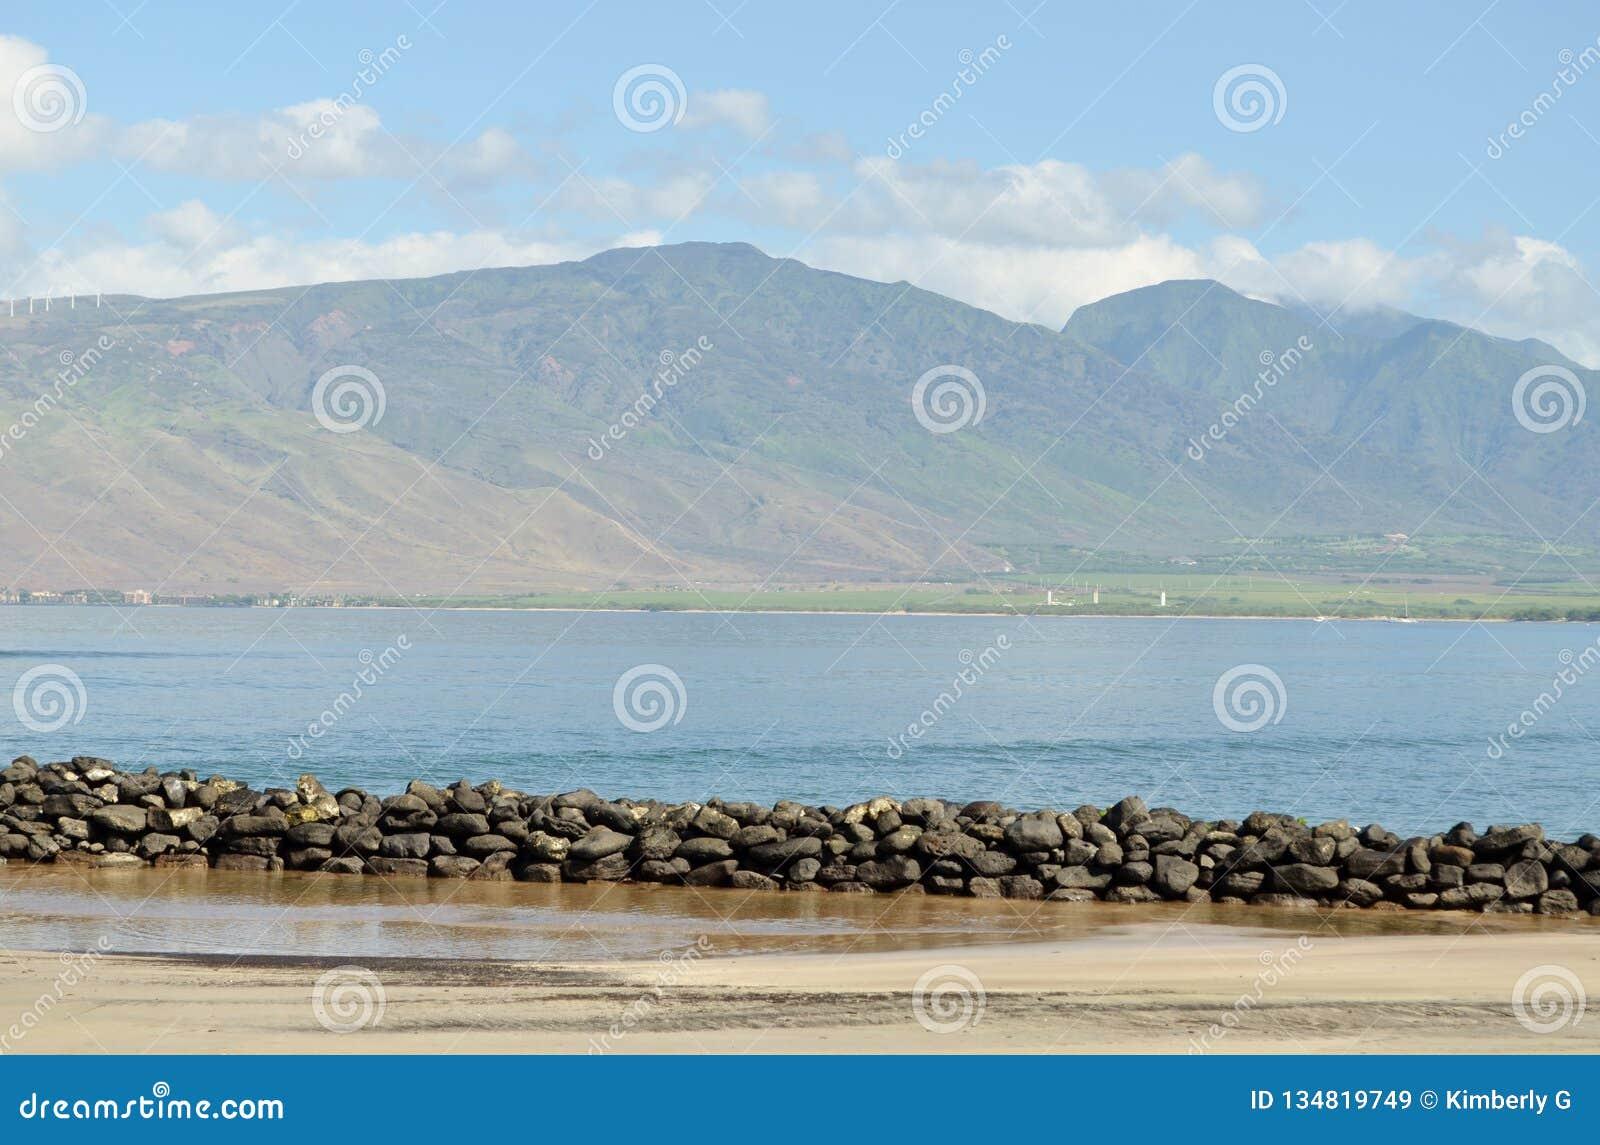 62654fca76 A Shoreline Of Maui